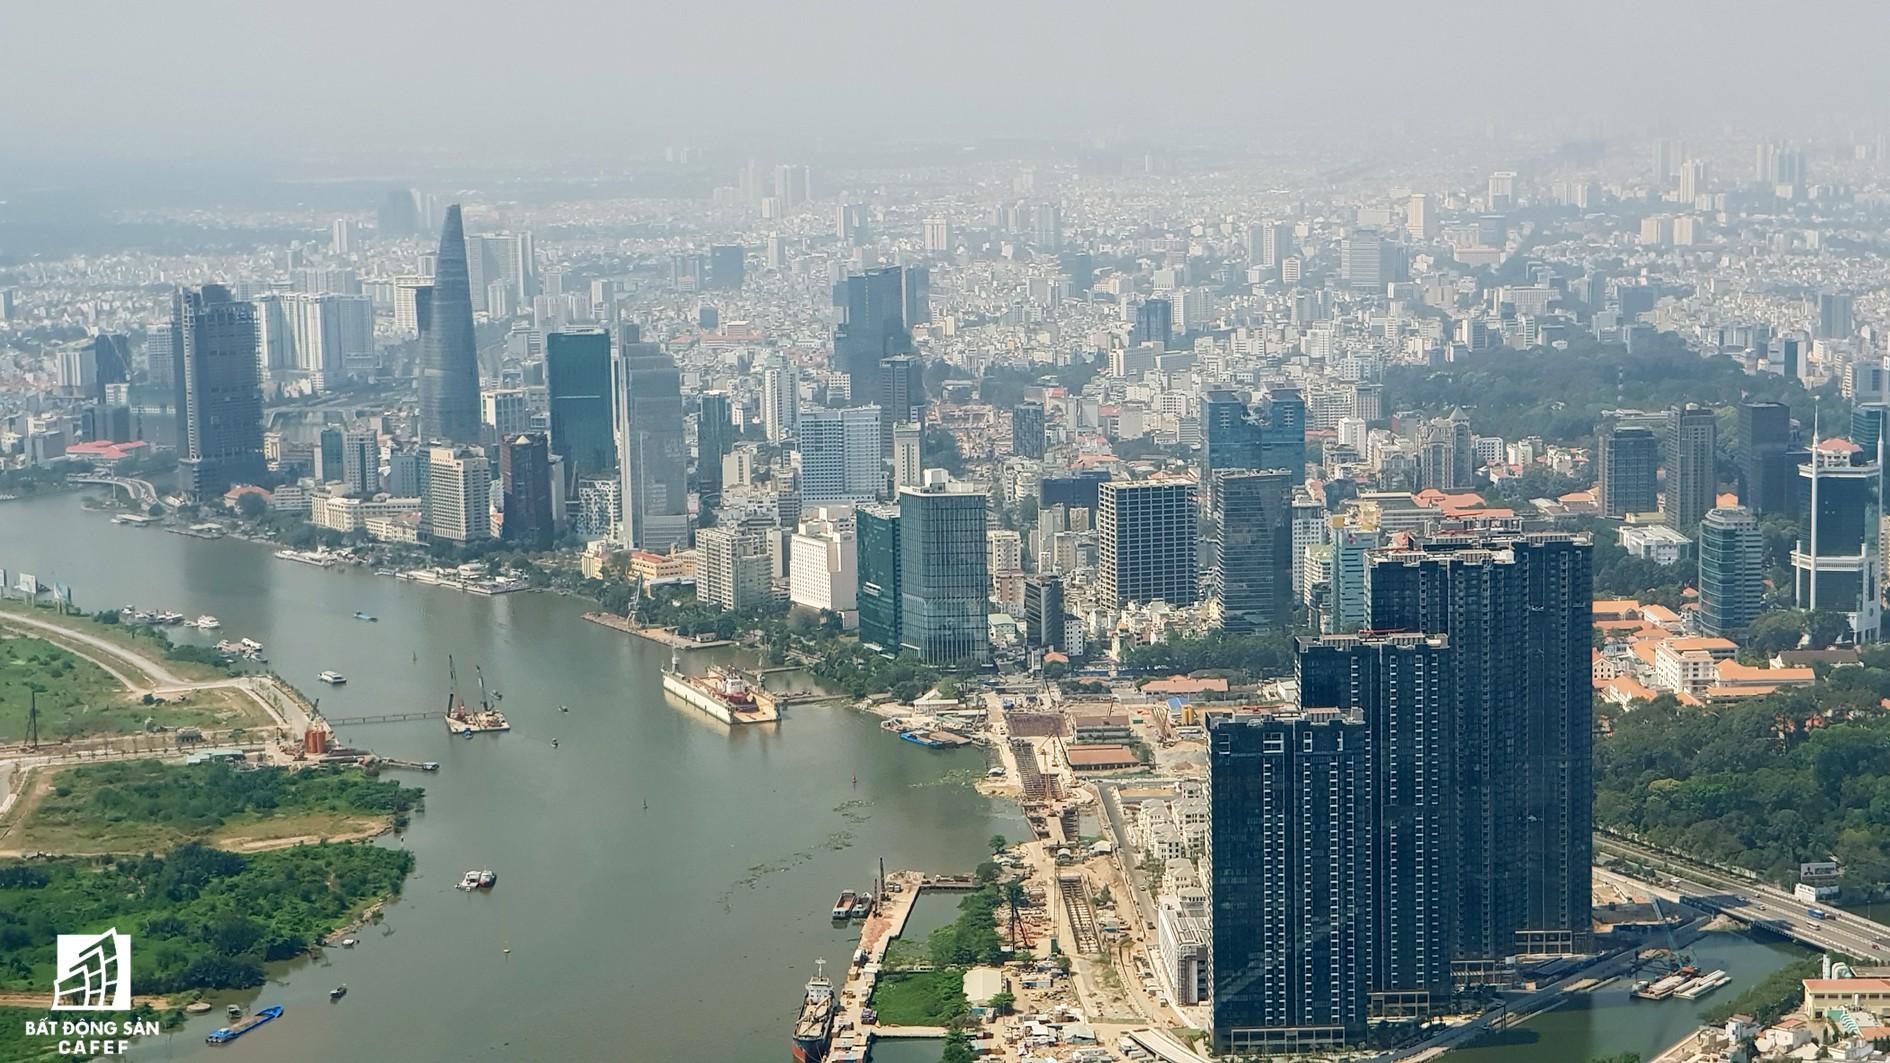 Toàn cảnh đô thị trung tâm Sài Gòn nhìn từ đỉnh tòa nhà cao nhất Việt Nam - Ảnh 12.